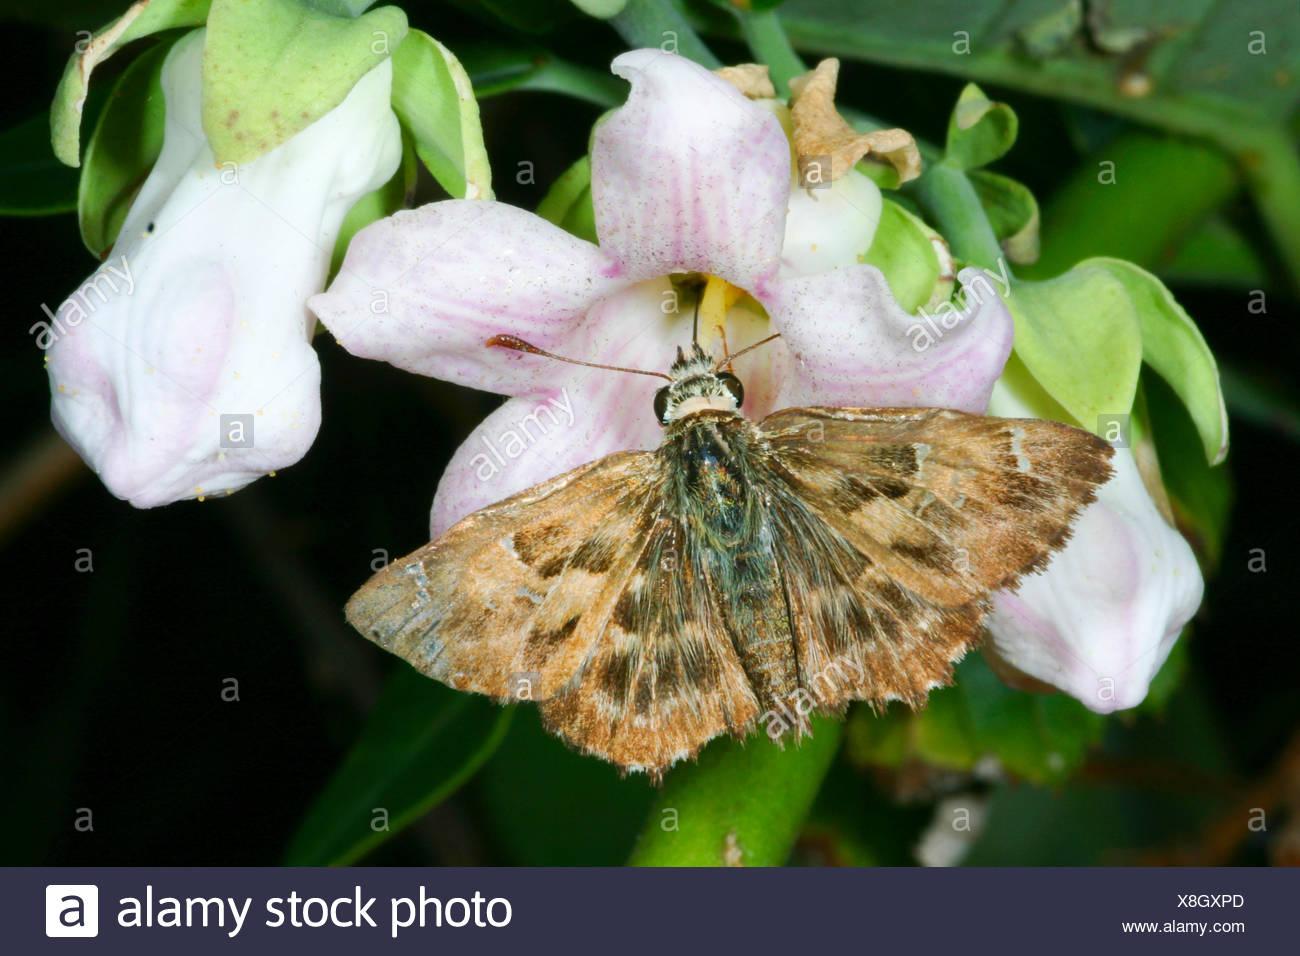 Mallow skipper (Carcharodus alceae), chupa el néctar de una flor, Alemania Foto de stock